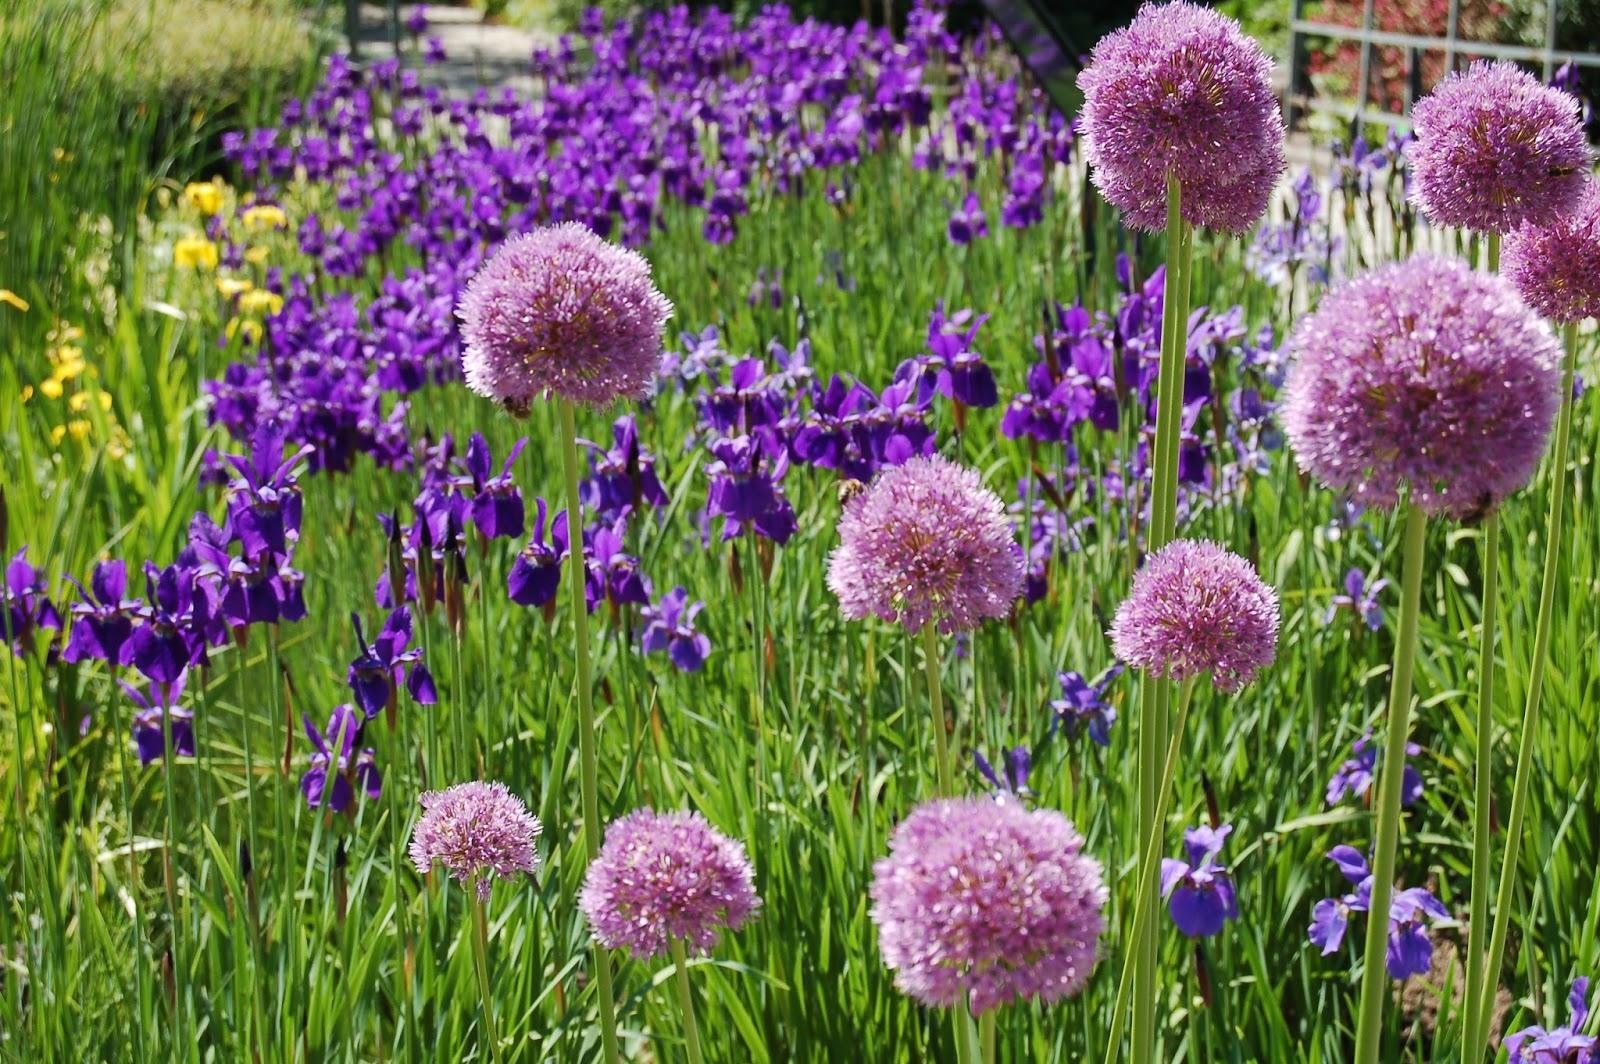 Kwietny raj, roślinne zbiorowisko … ARBORETUM w Bolestraszycach BOLESTRASZYCE Podkarpacie